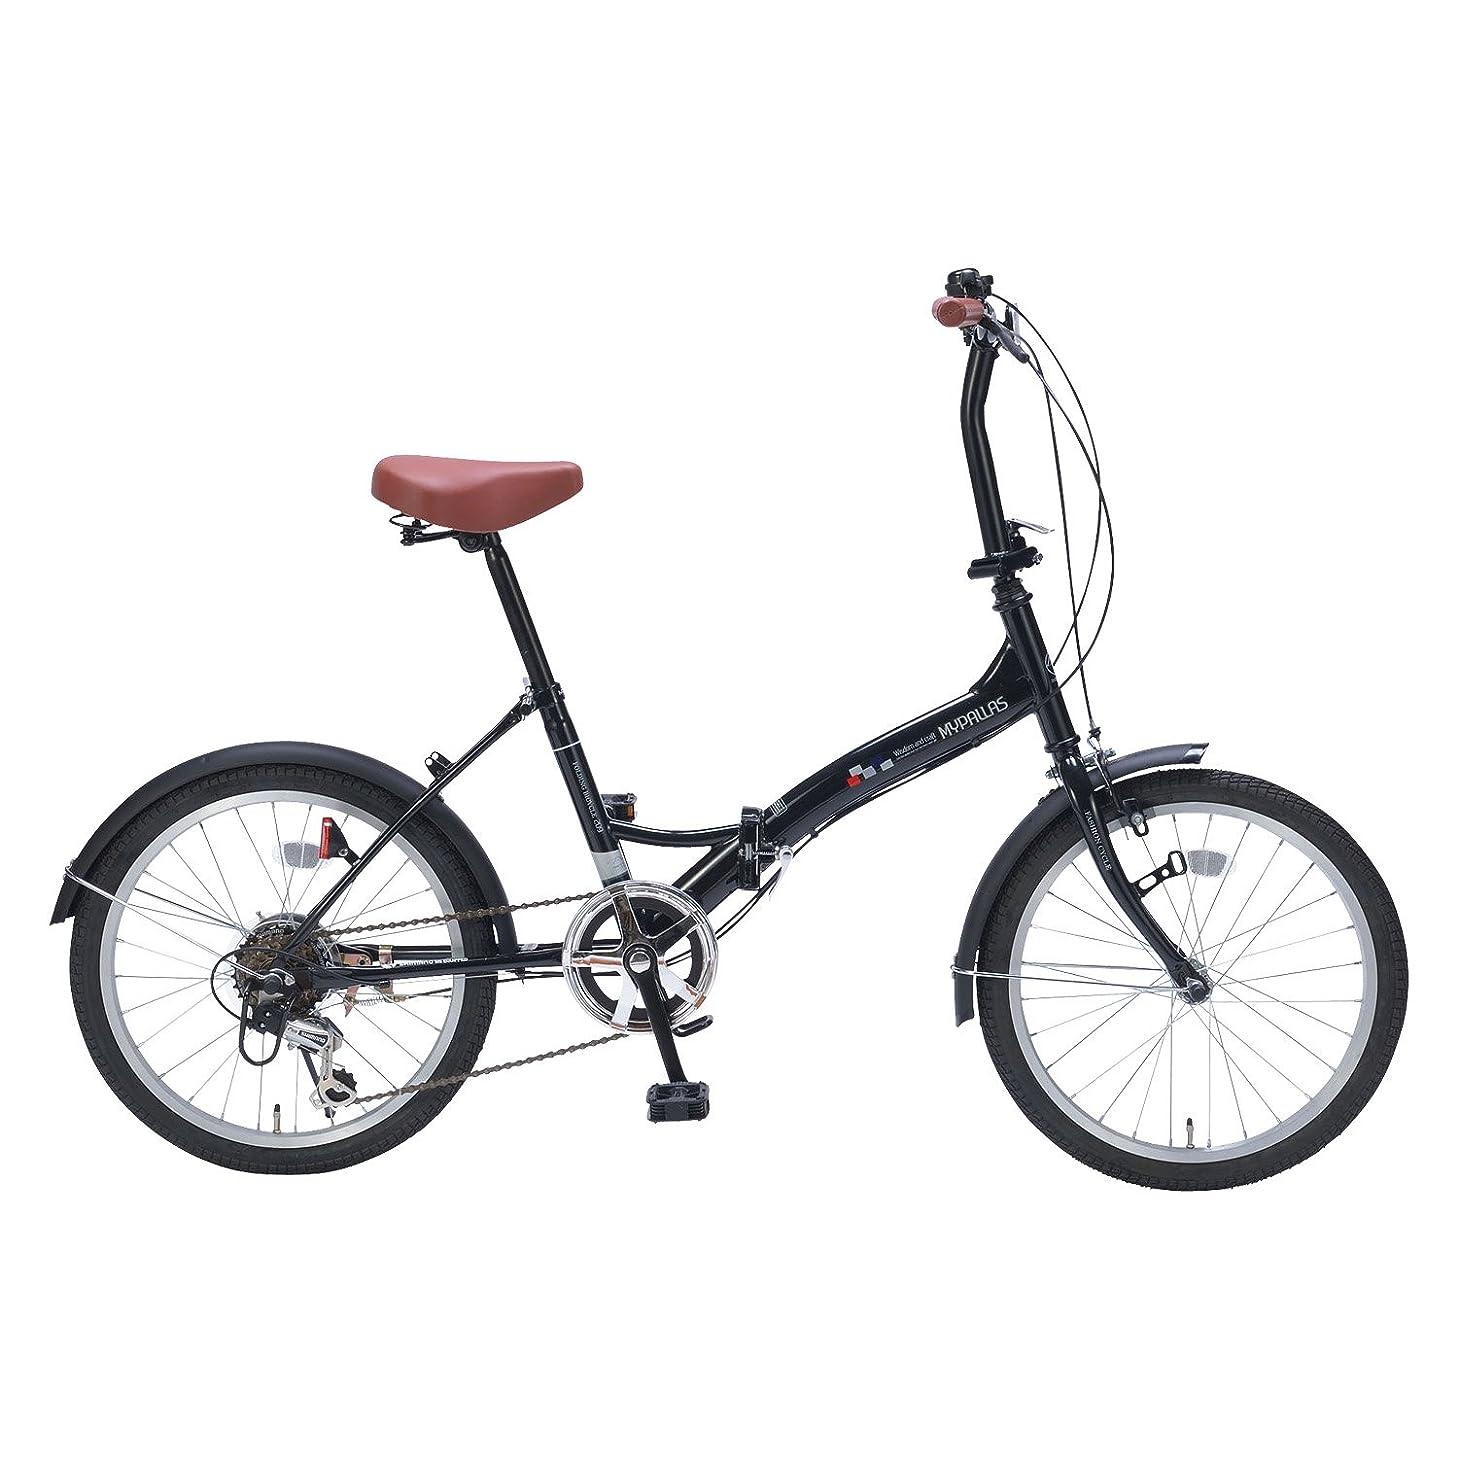 それる段階賢いMy Pallas(マイパラス) 折りたたみ自転車 20インチ 6段変速 M-209